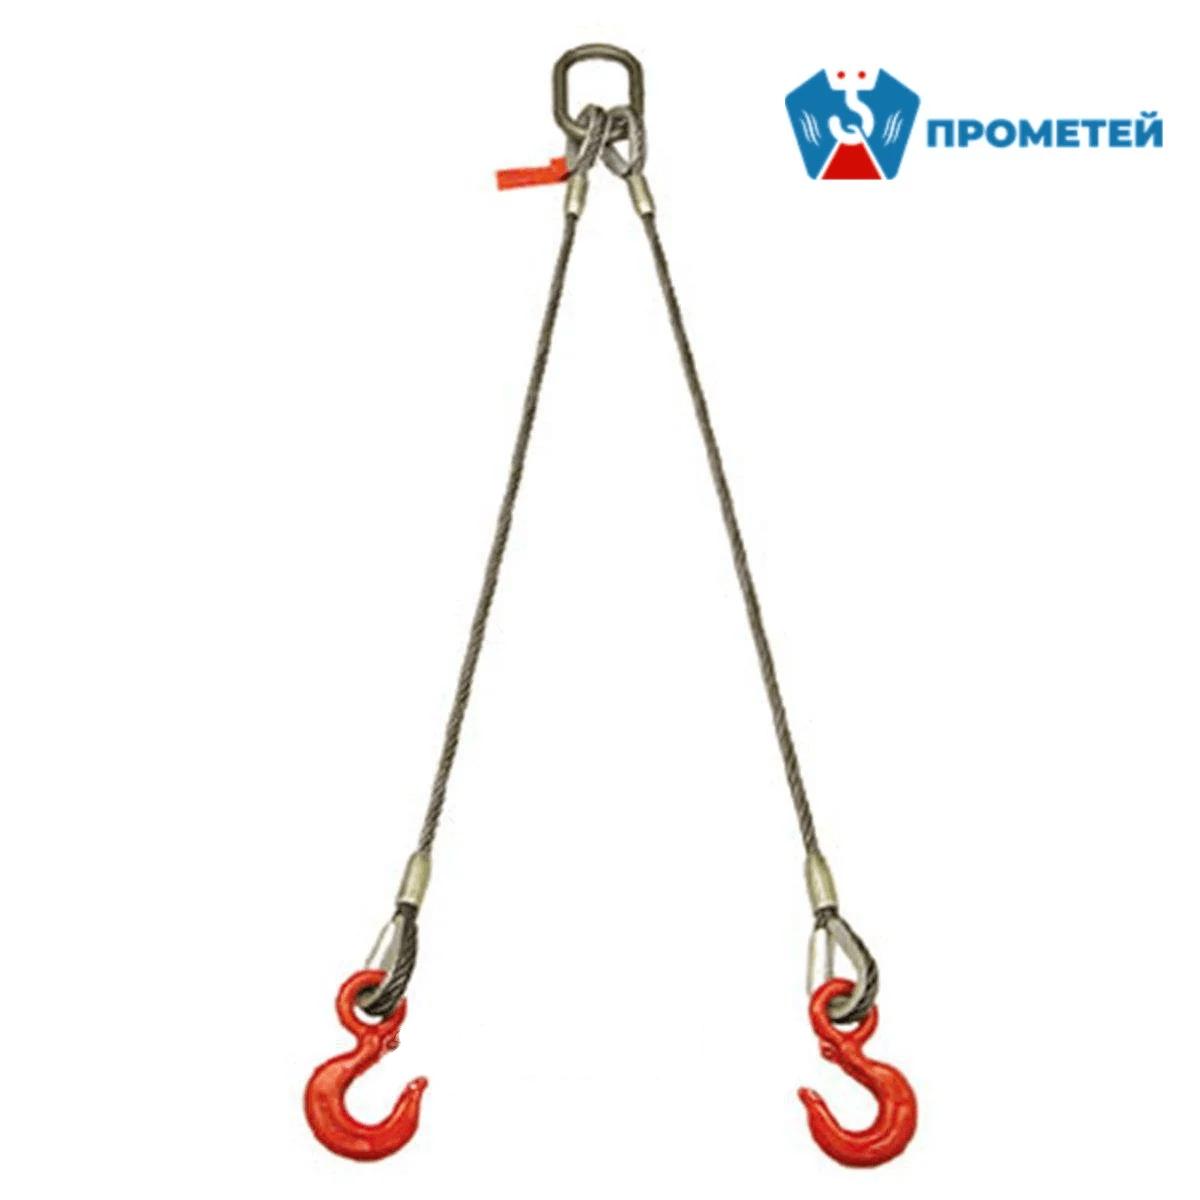 Строп канатный 2СК от 0,8 до 25 тонн 1-10 метров